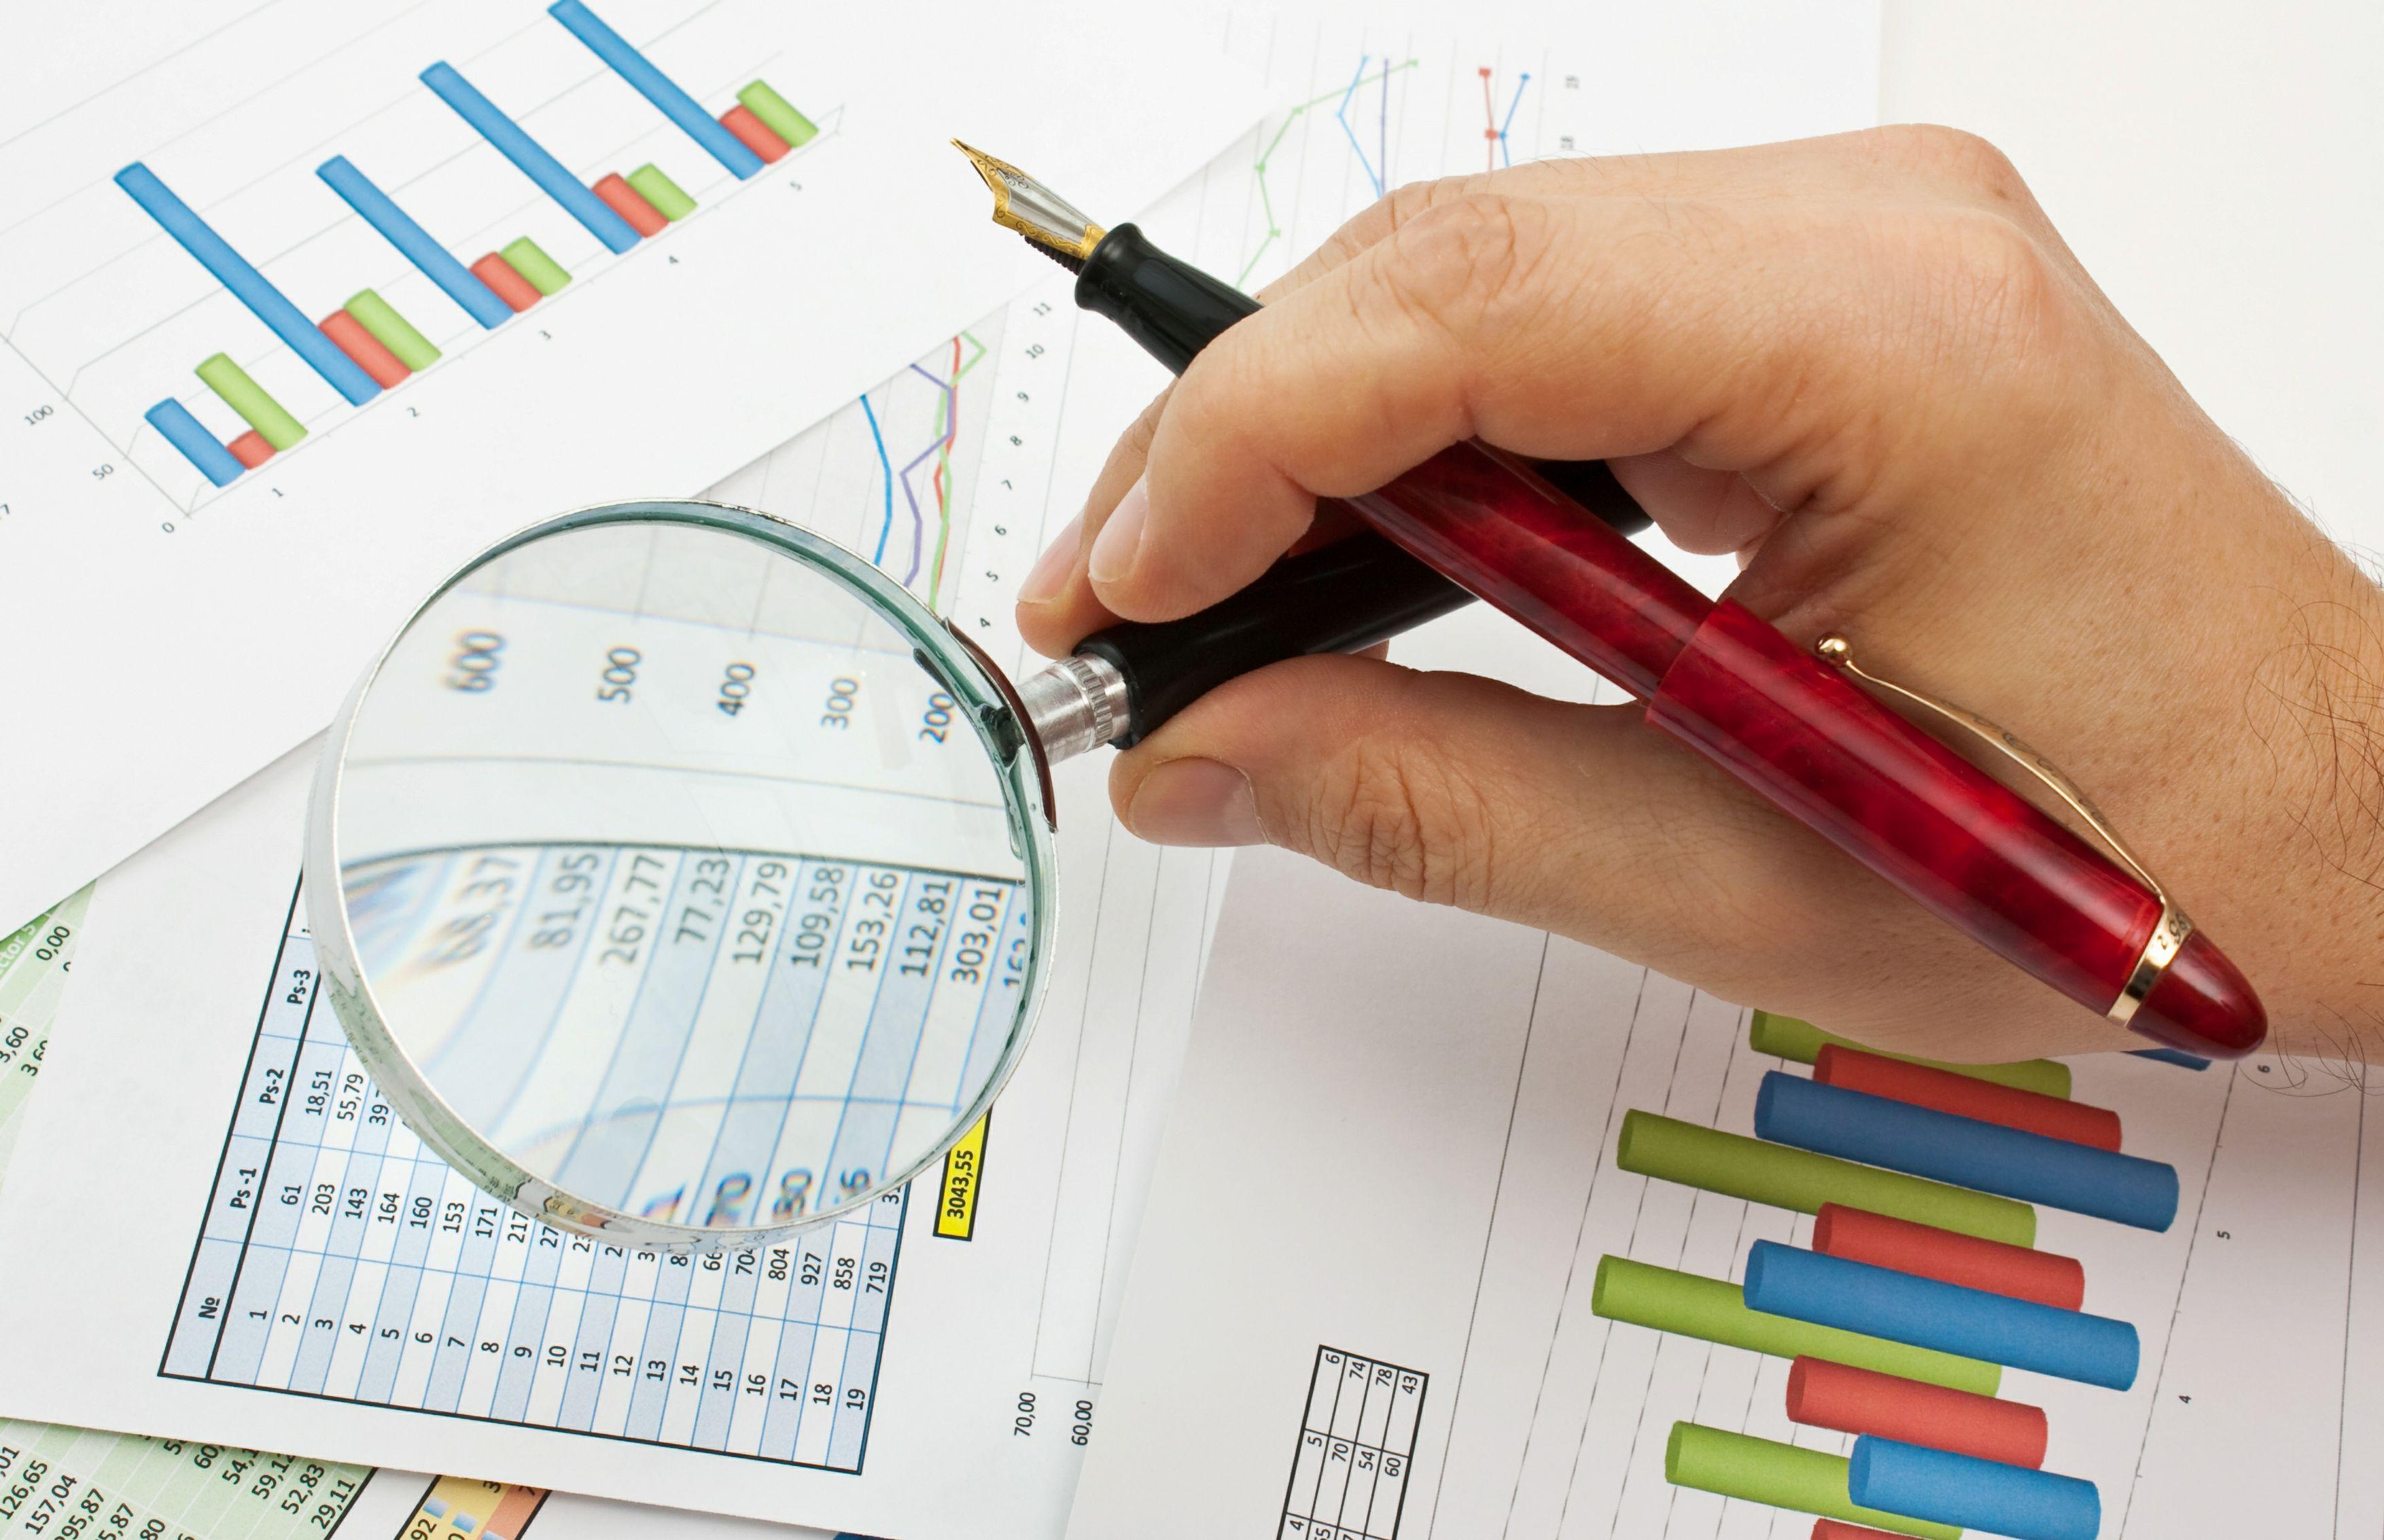 格隆汇港股聚焦(6.21)︱中国燃气去年净利润升35%至82.24亿港元   中国通号科创板首发过会